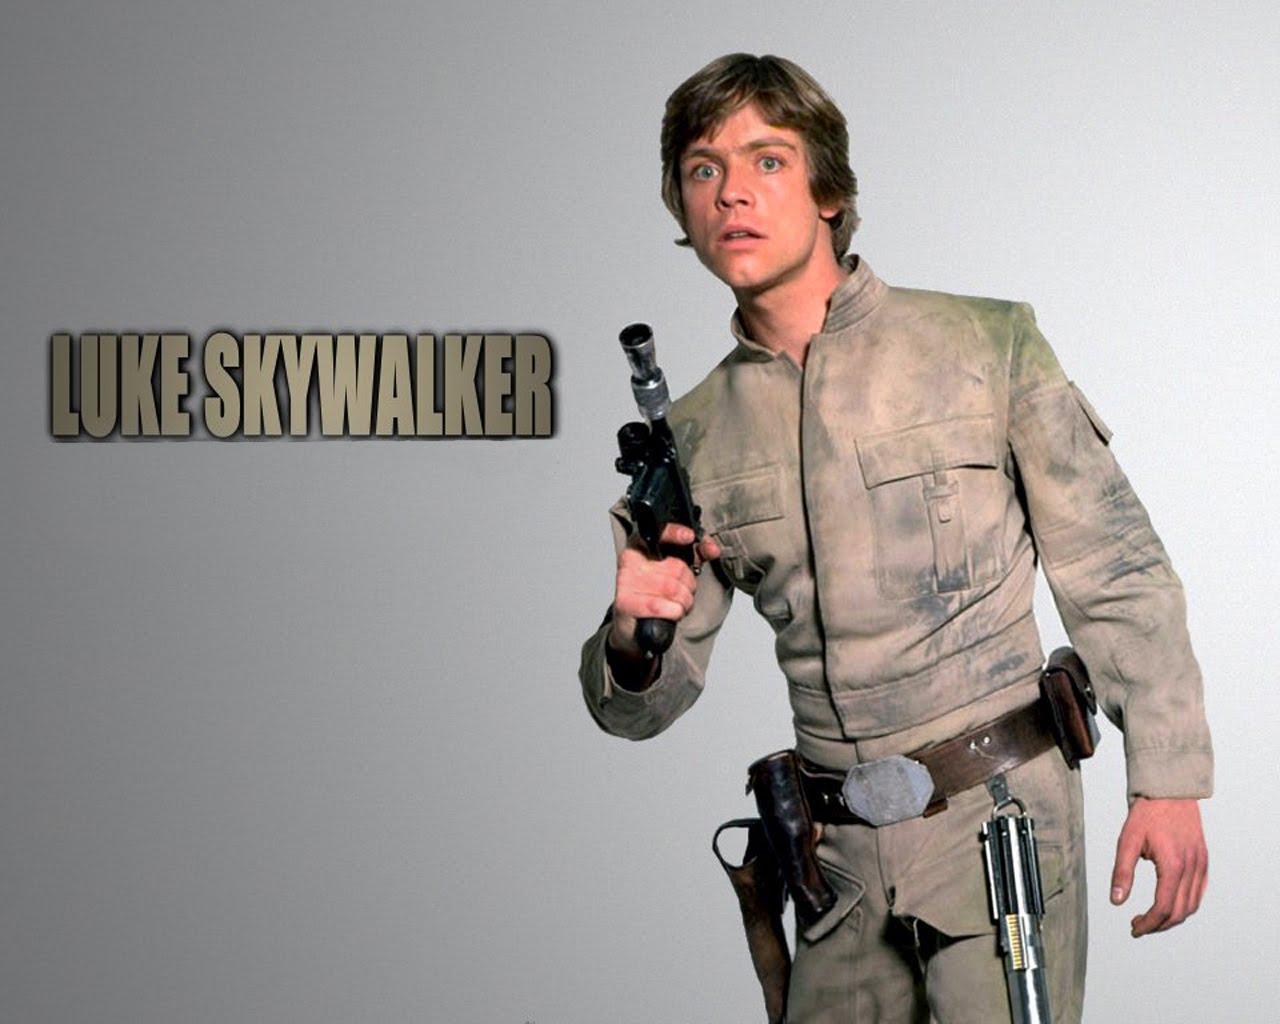 http://2.bp.blogspot.com/_dAcMC--J7Vs/TFOm6pnyrAI/AAAAAAAAAAg/x4EmhBCtgPo/s1600/luke_skywalker_wallpaper1280x10242.jpg